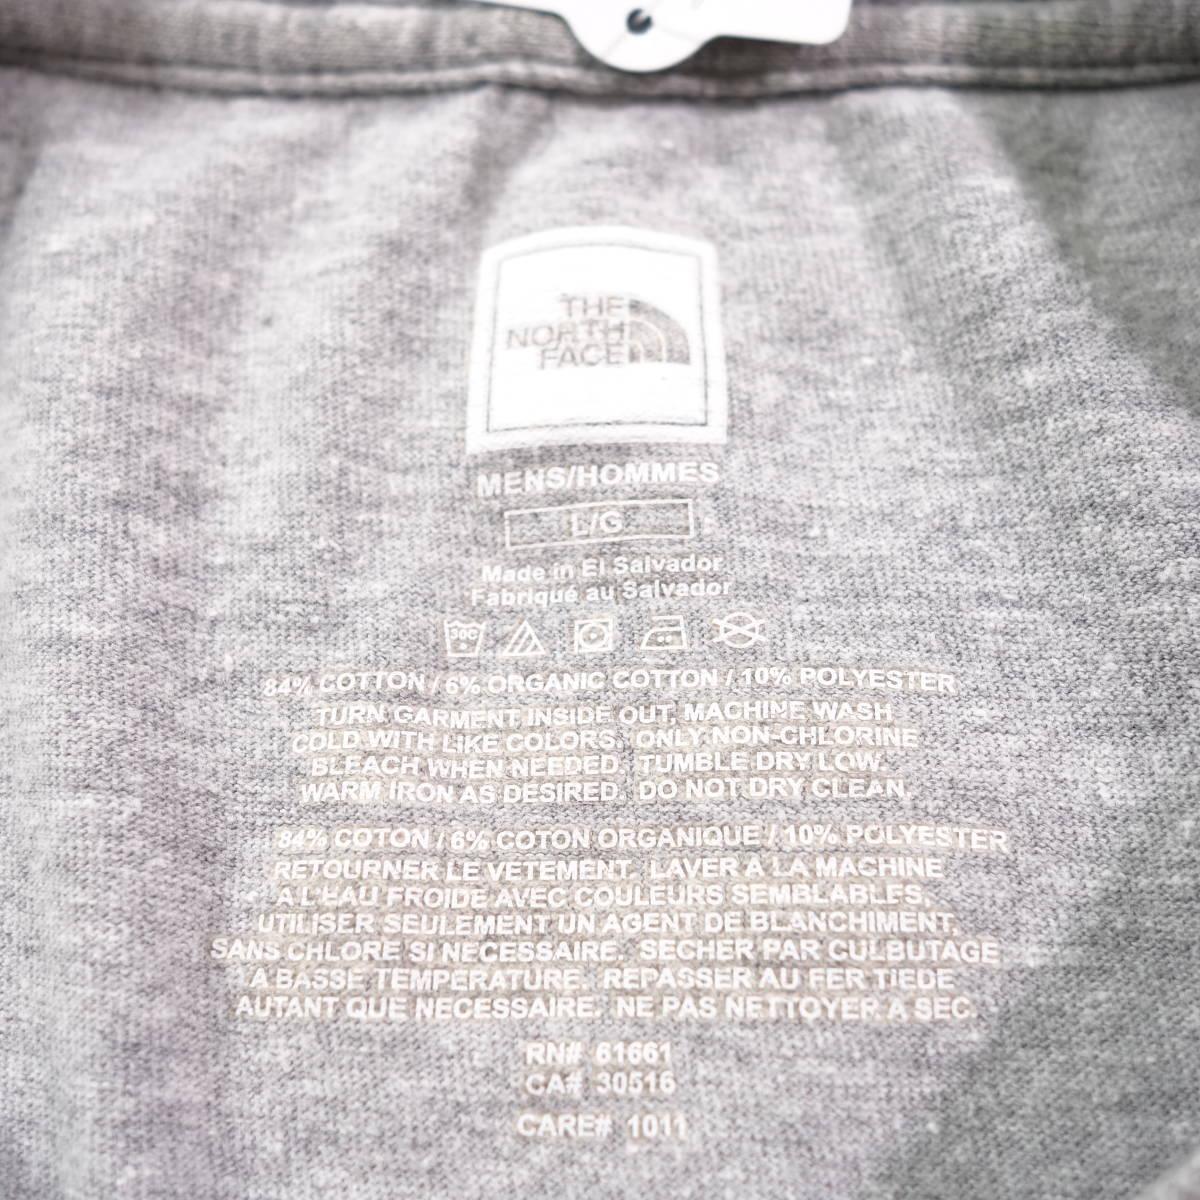 ノースフェイス Tシャツ 半袖 メンズ L 丸首 ハーフドーム プリントロゴ アウトドア トップス USA直輸入 古着 MNO-1-1-0209_画像7